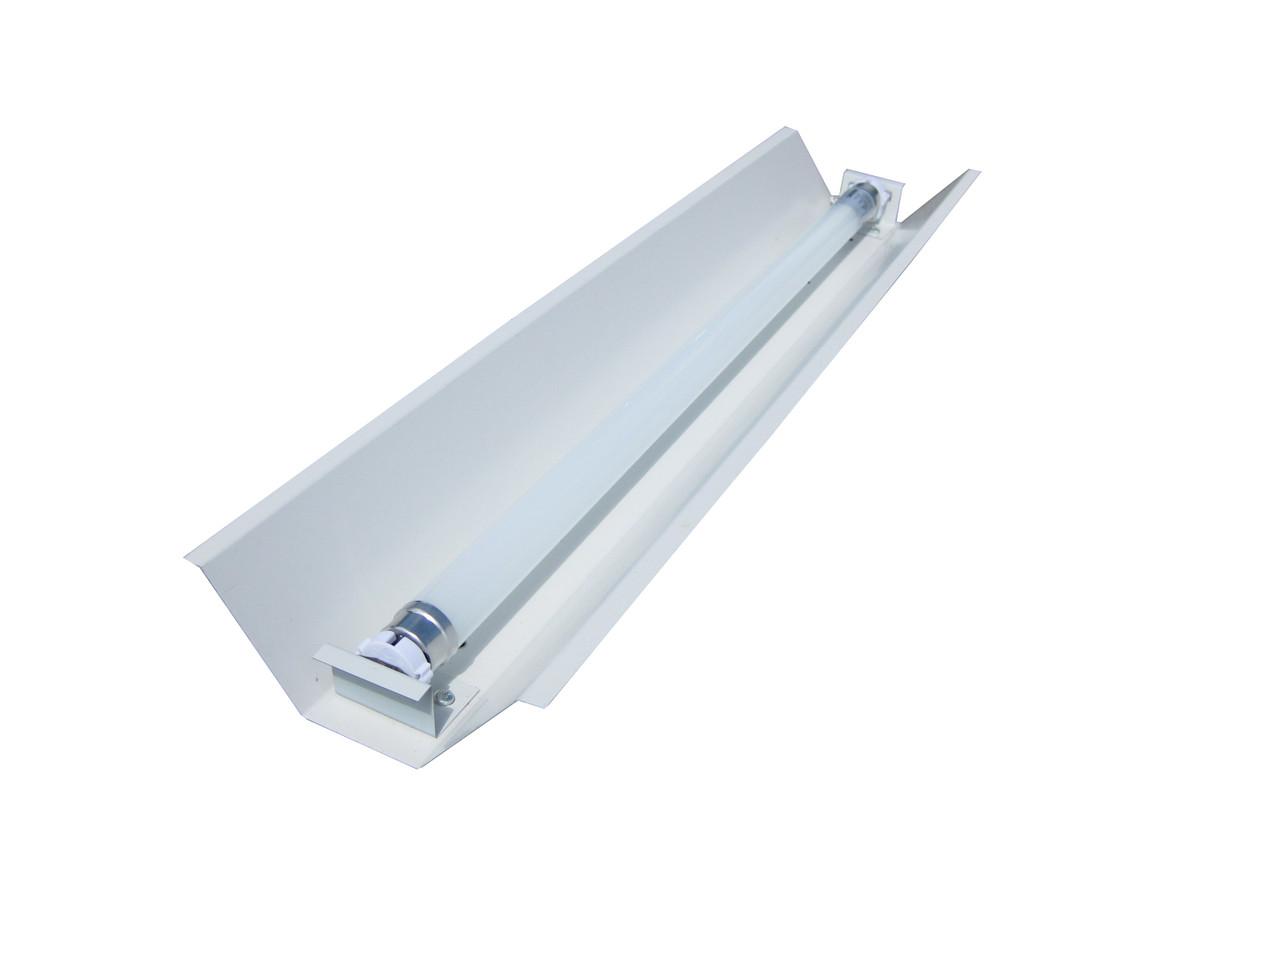 СПВ-01 (1х1200) открытый линейный светильник под LED (ЛЕД) лампы Т8 1200 без ПРА